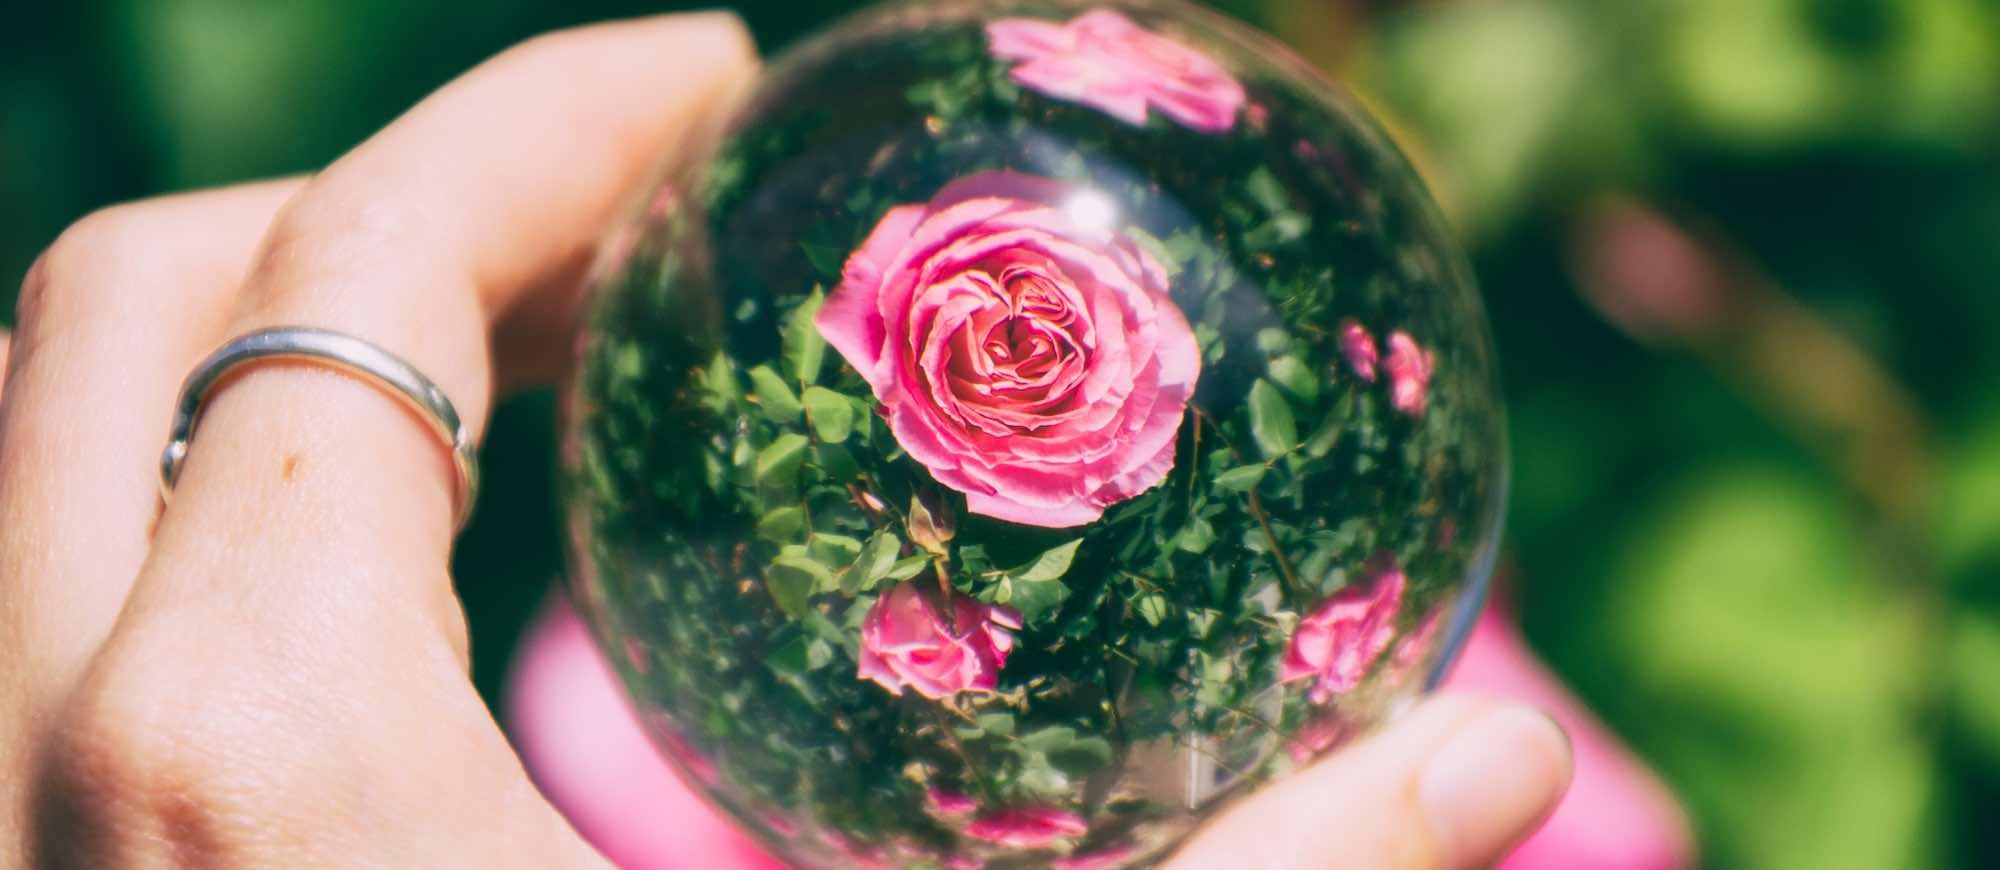 Photographie d'une lensball devant des roses